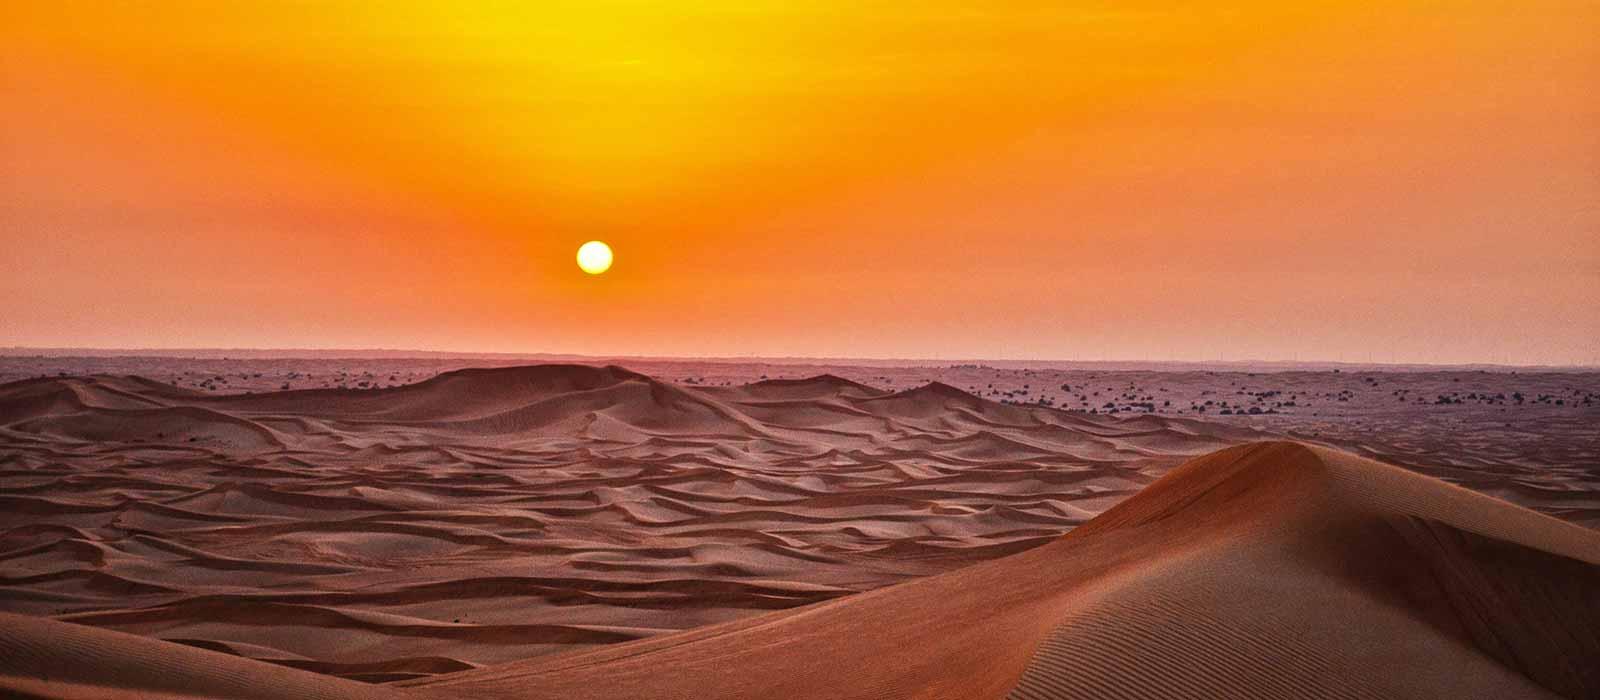 Desert heating